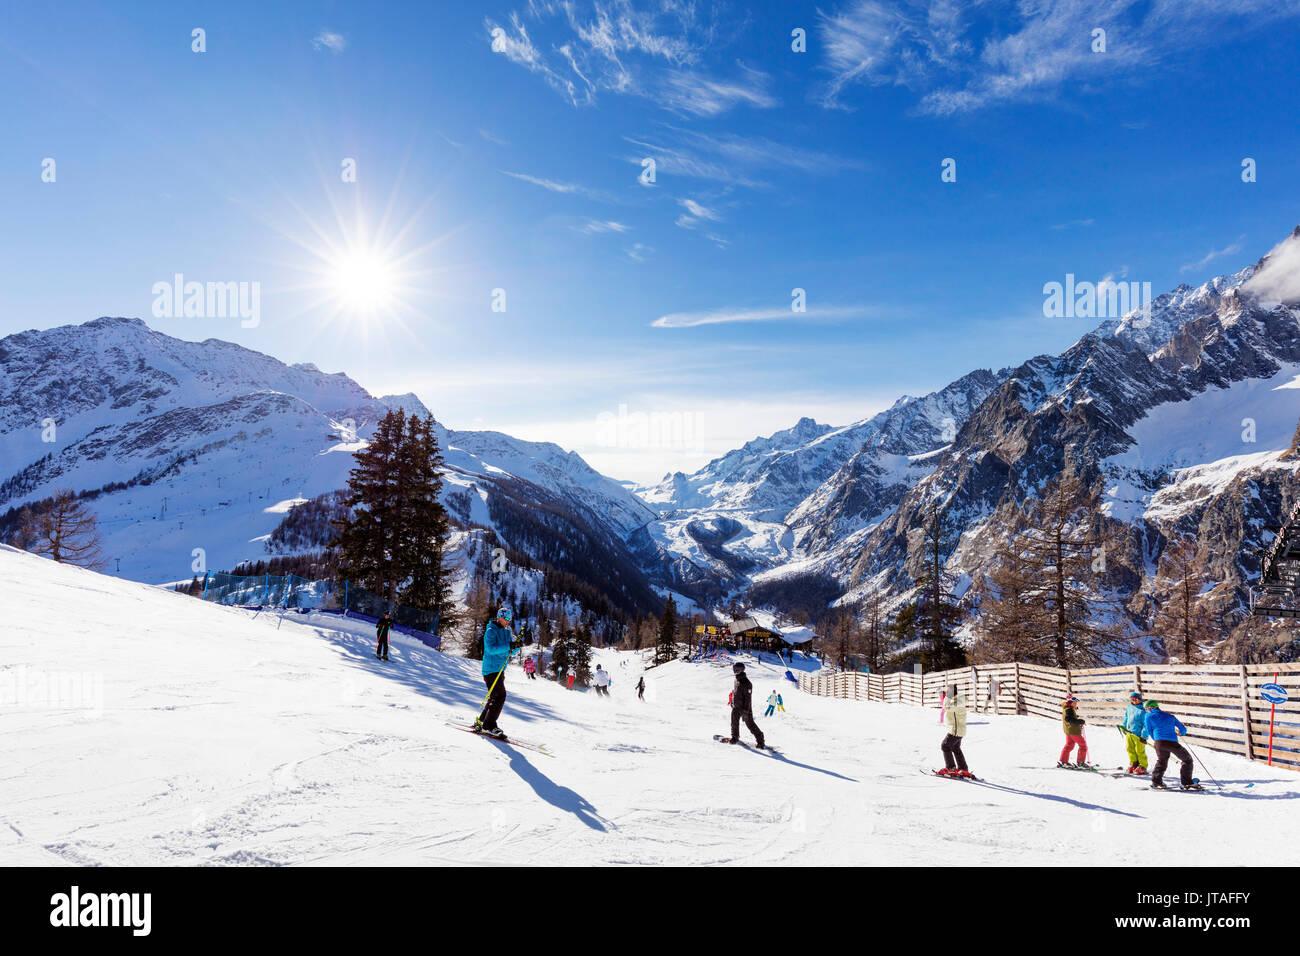 Skigebiet Courmayeur, Aosta-Tal, Italienische Alpen, Italien, Europa Stockbild